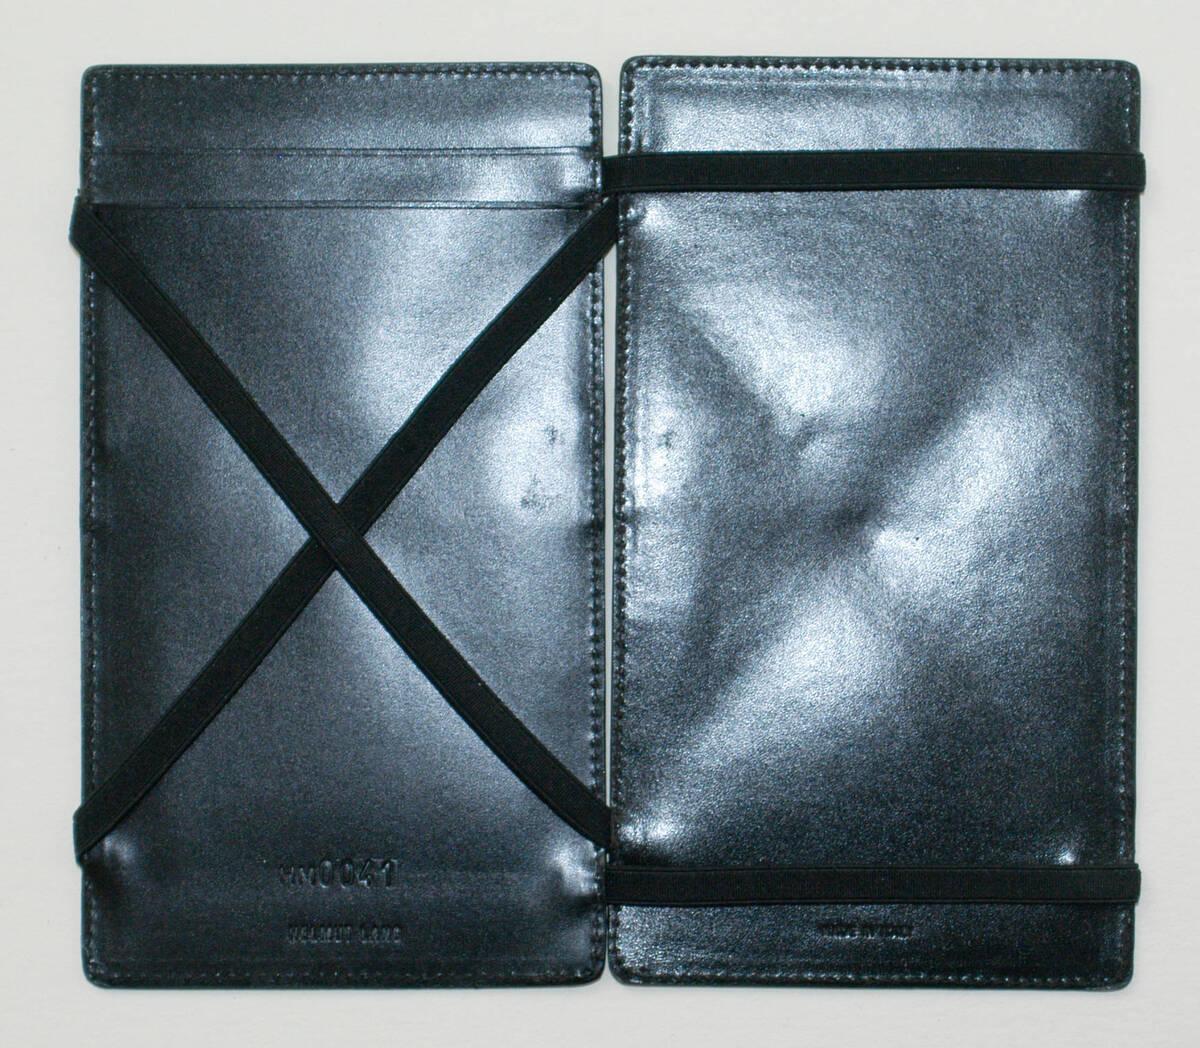 Portemonnaie - schwarz (deskriptiver Titel) von Lang, Helmut